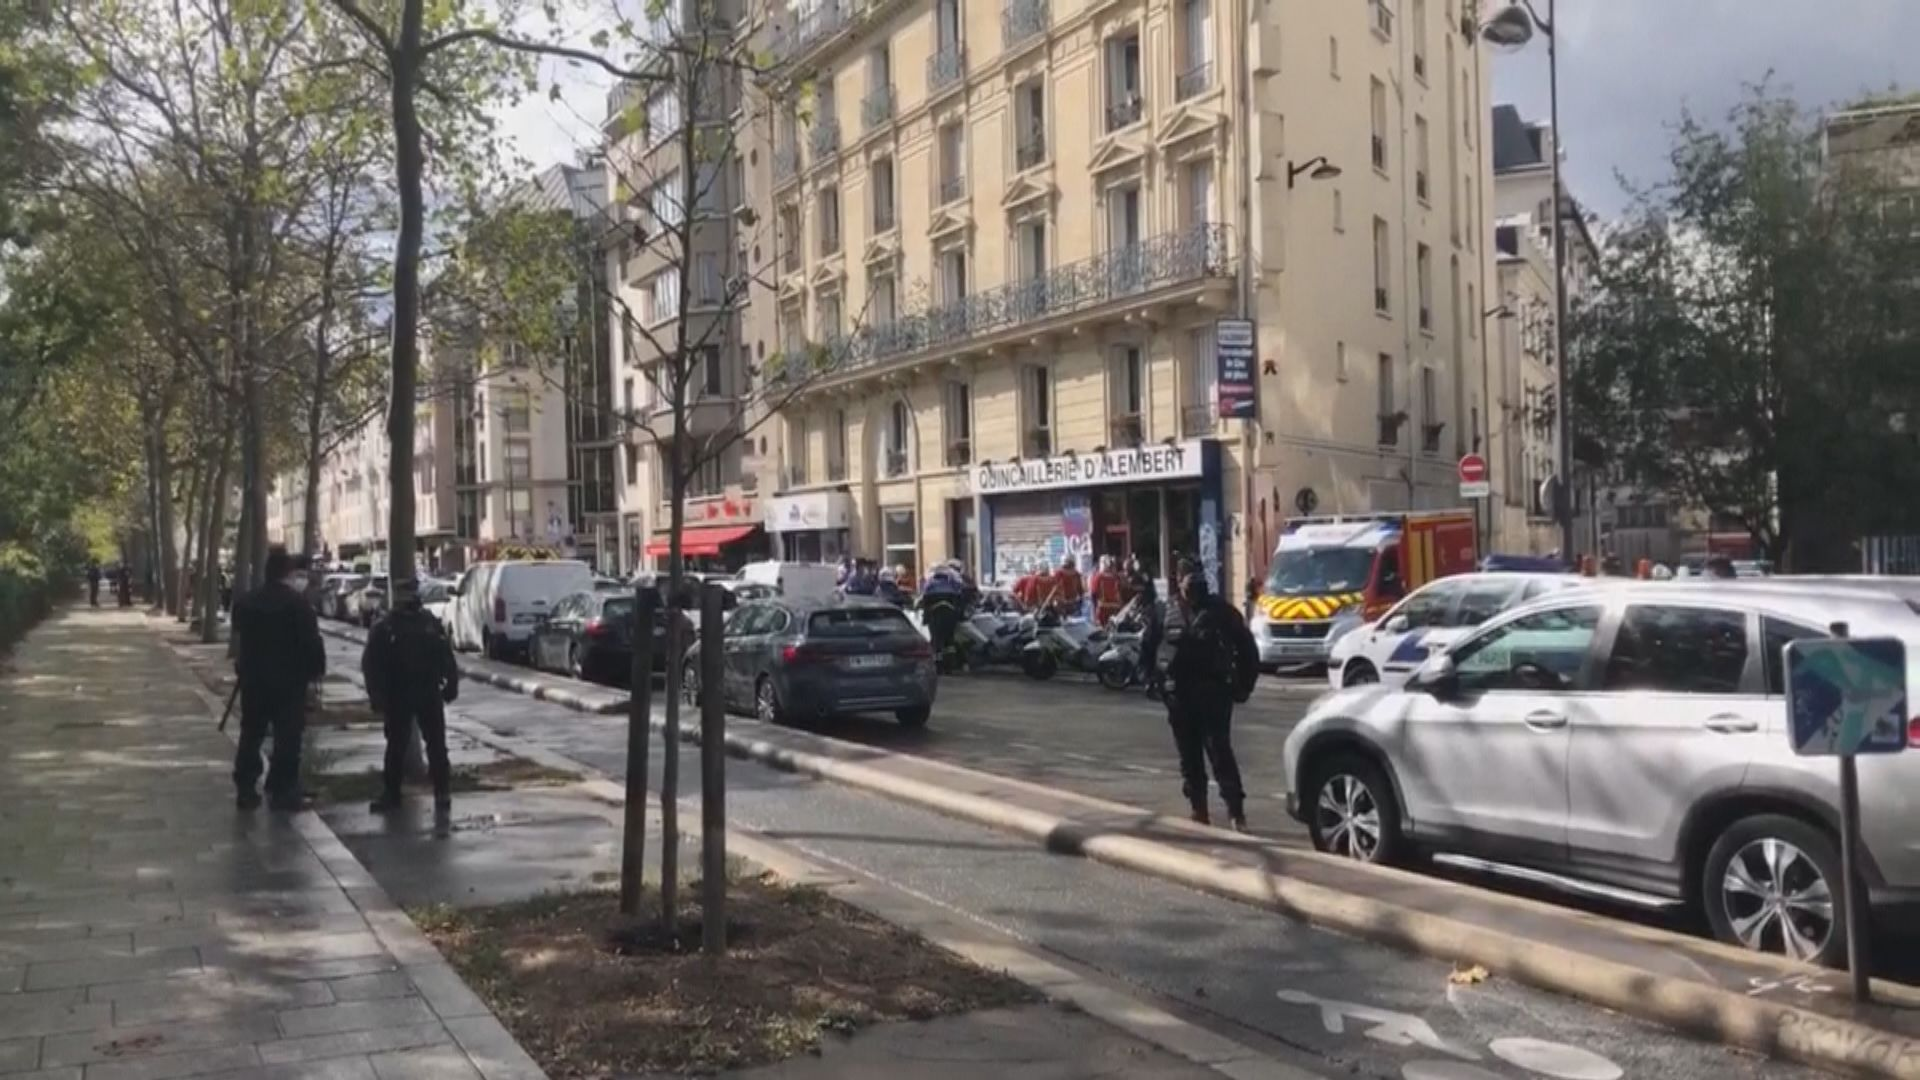 巴黎有人持刀刺傷兩人 疑犯被捕